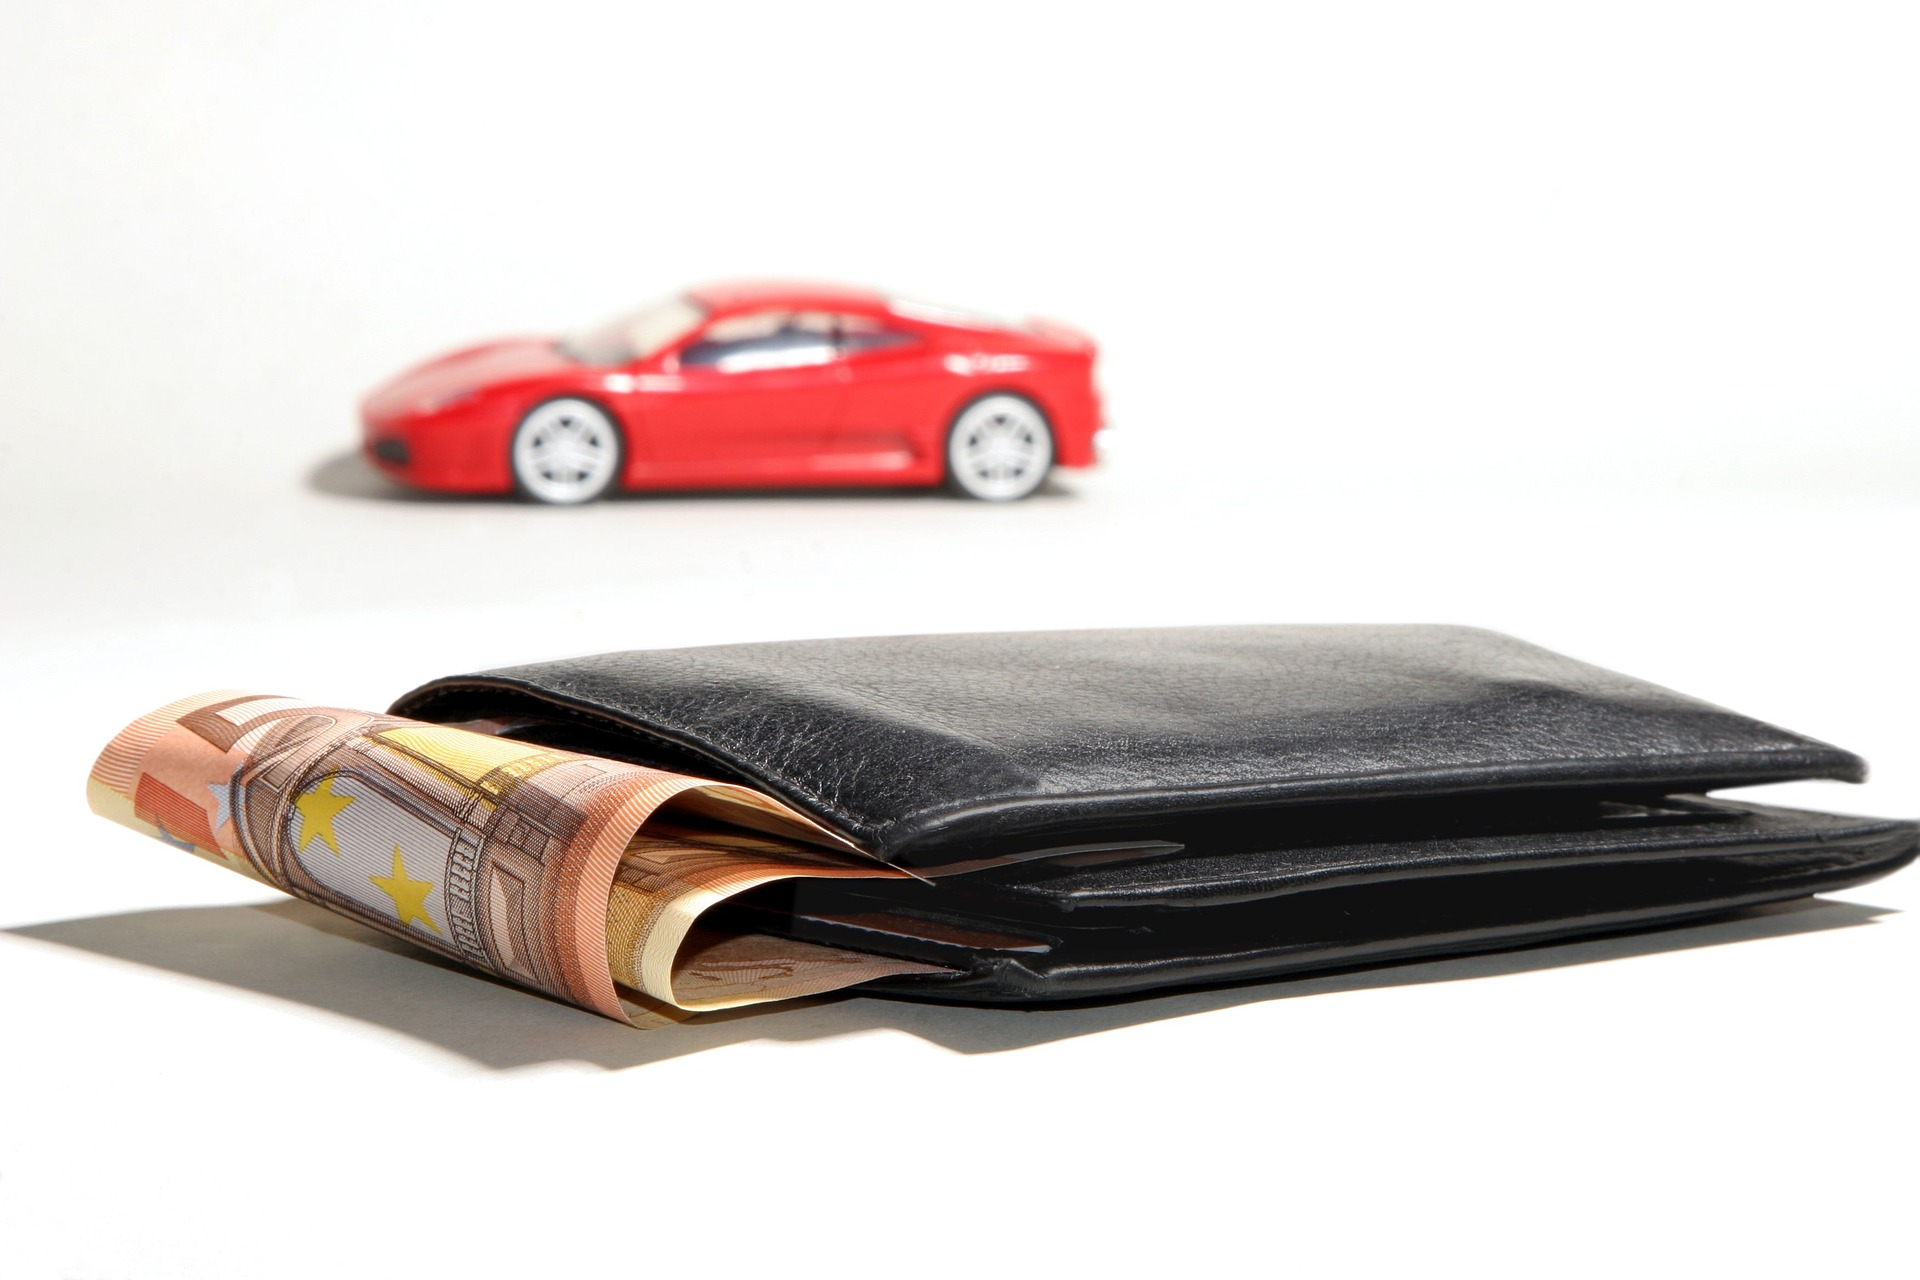 Bilfinansiering i form av billån